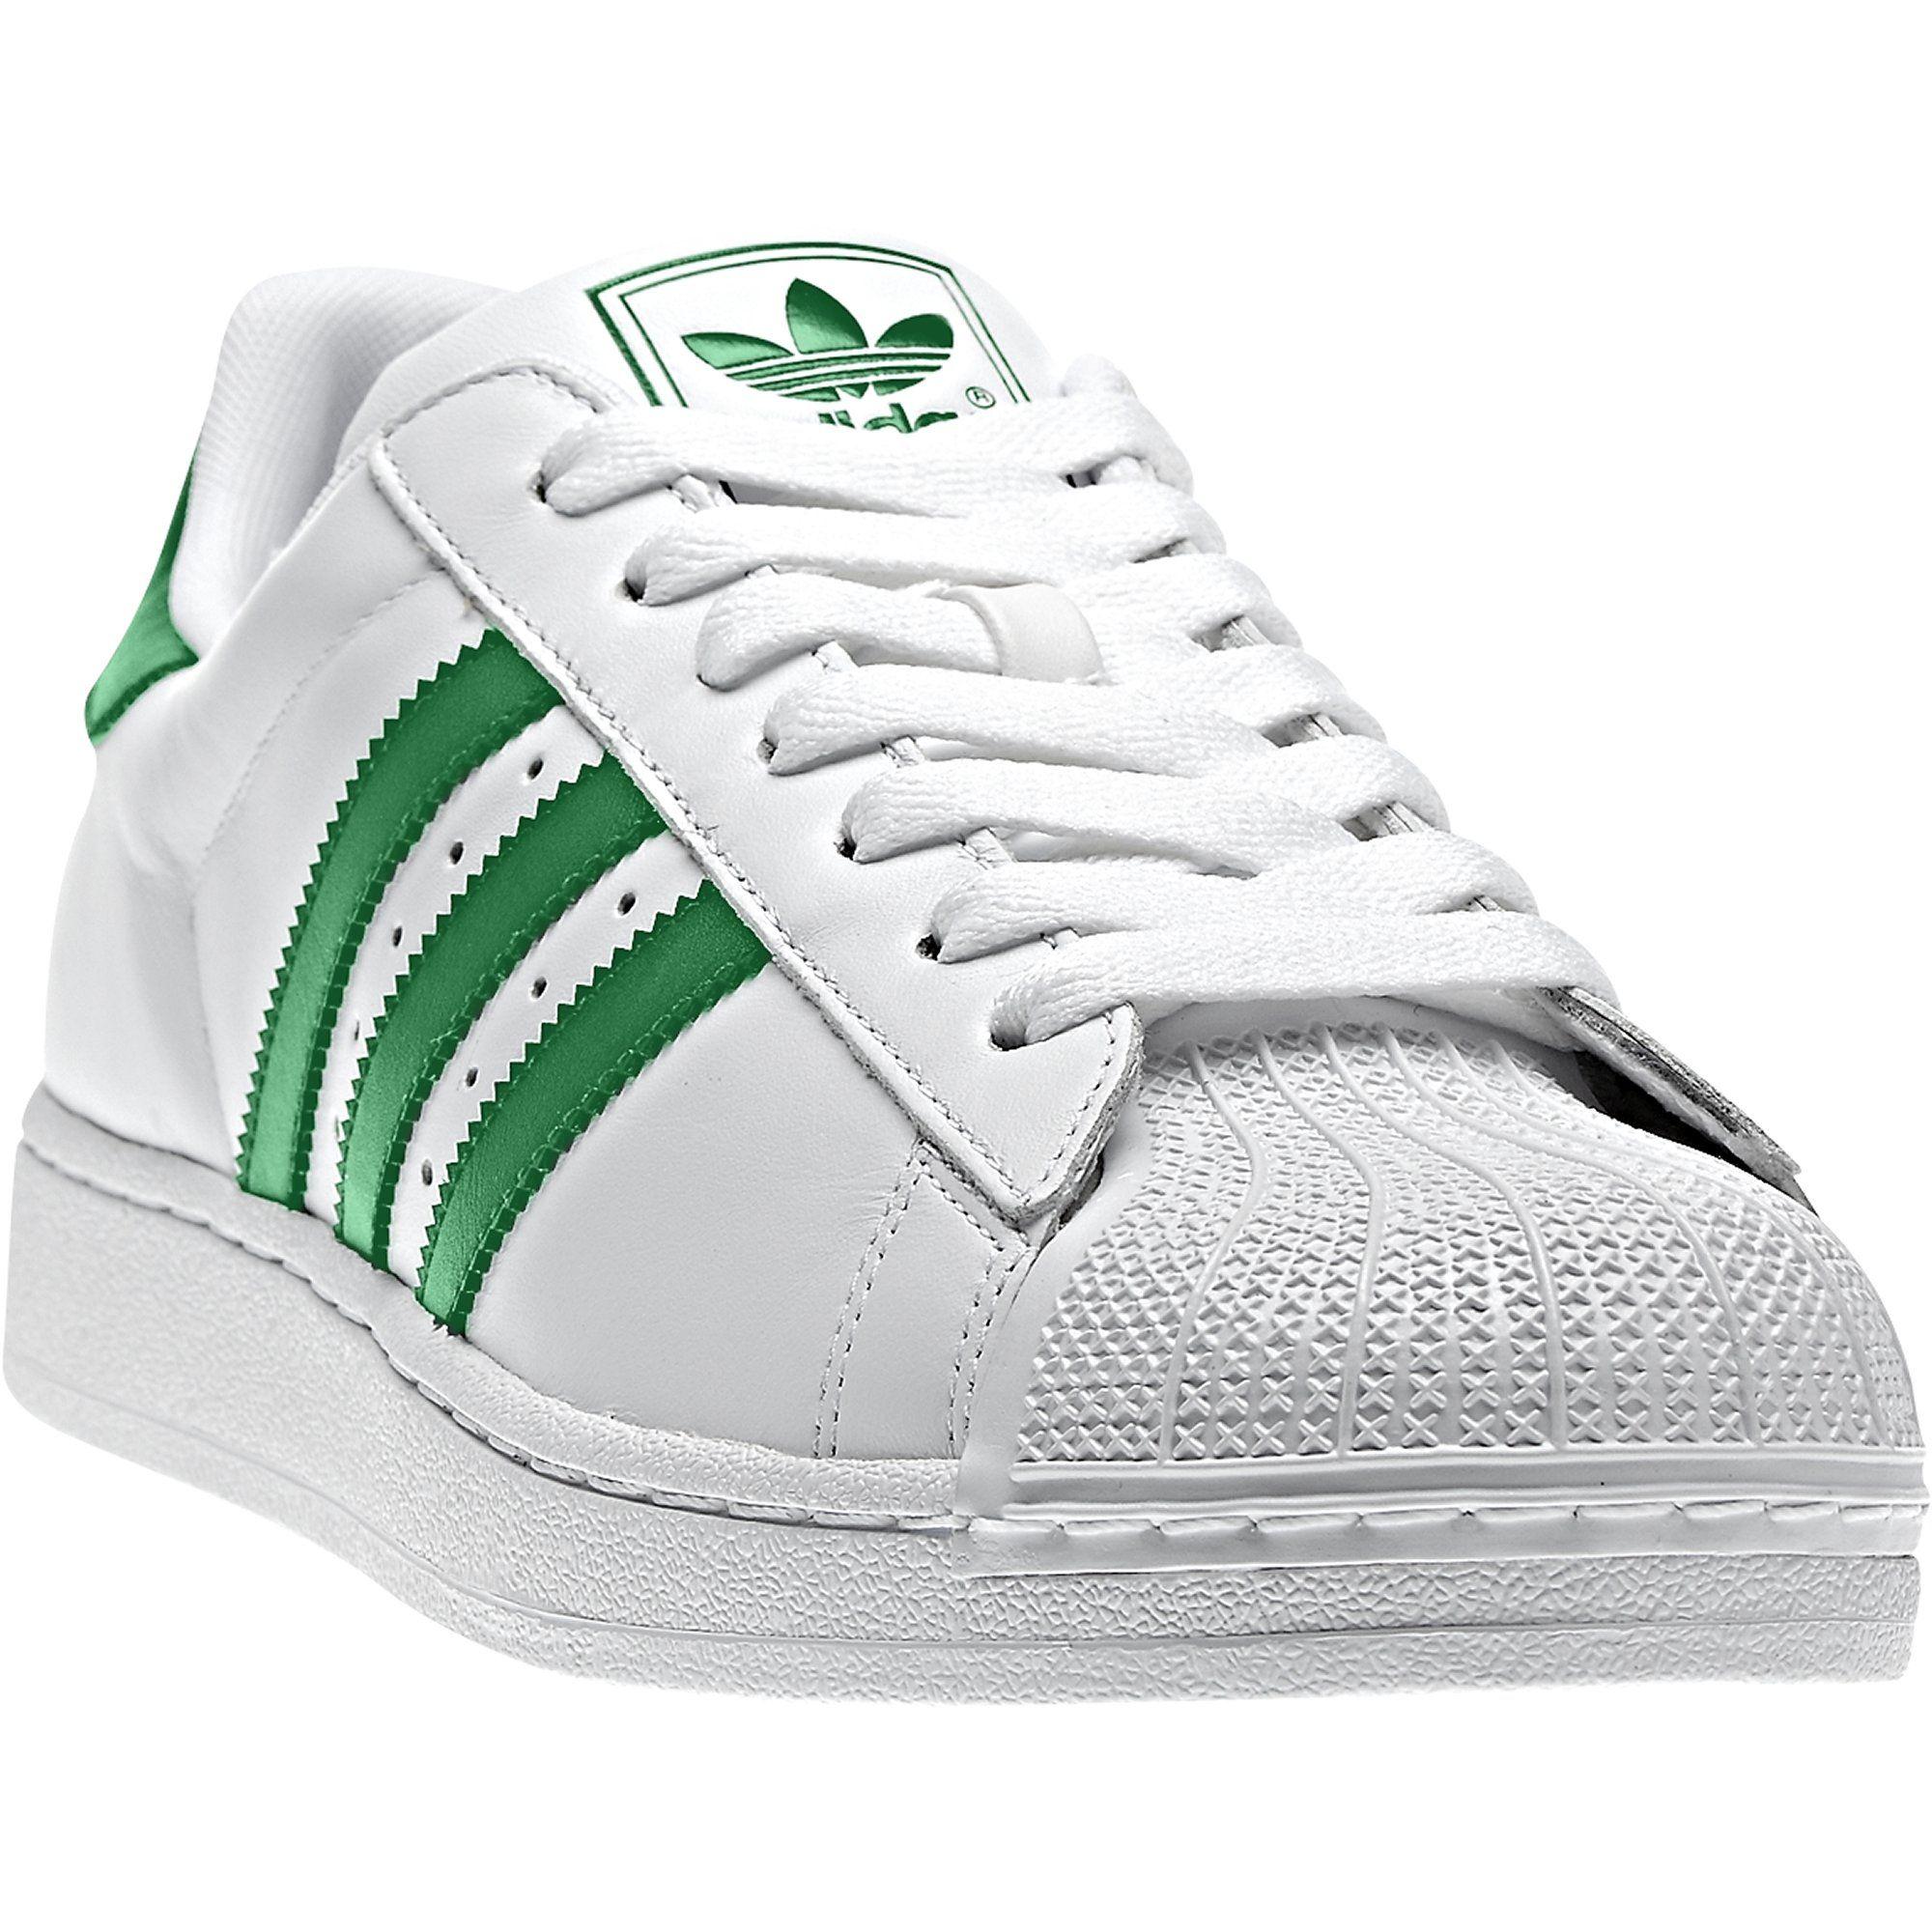 adidas superstar 2, white / fairway, il mio stile pinterest adidas